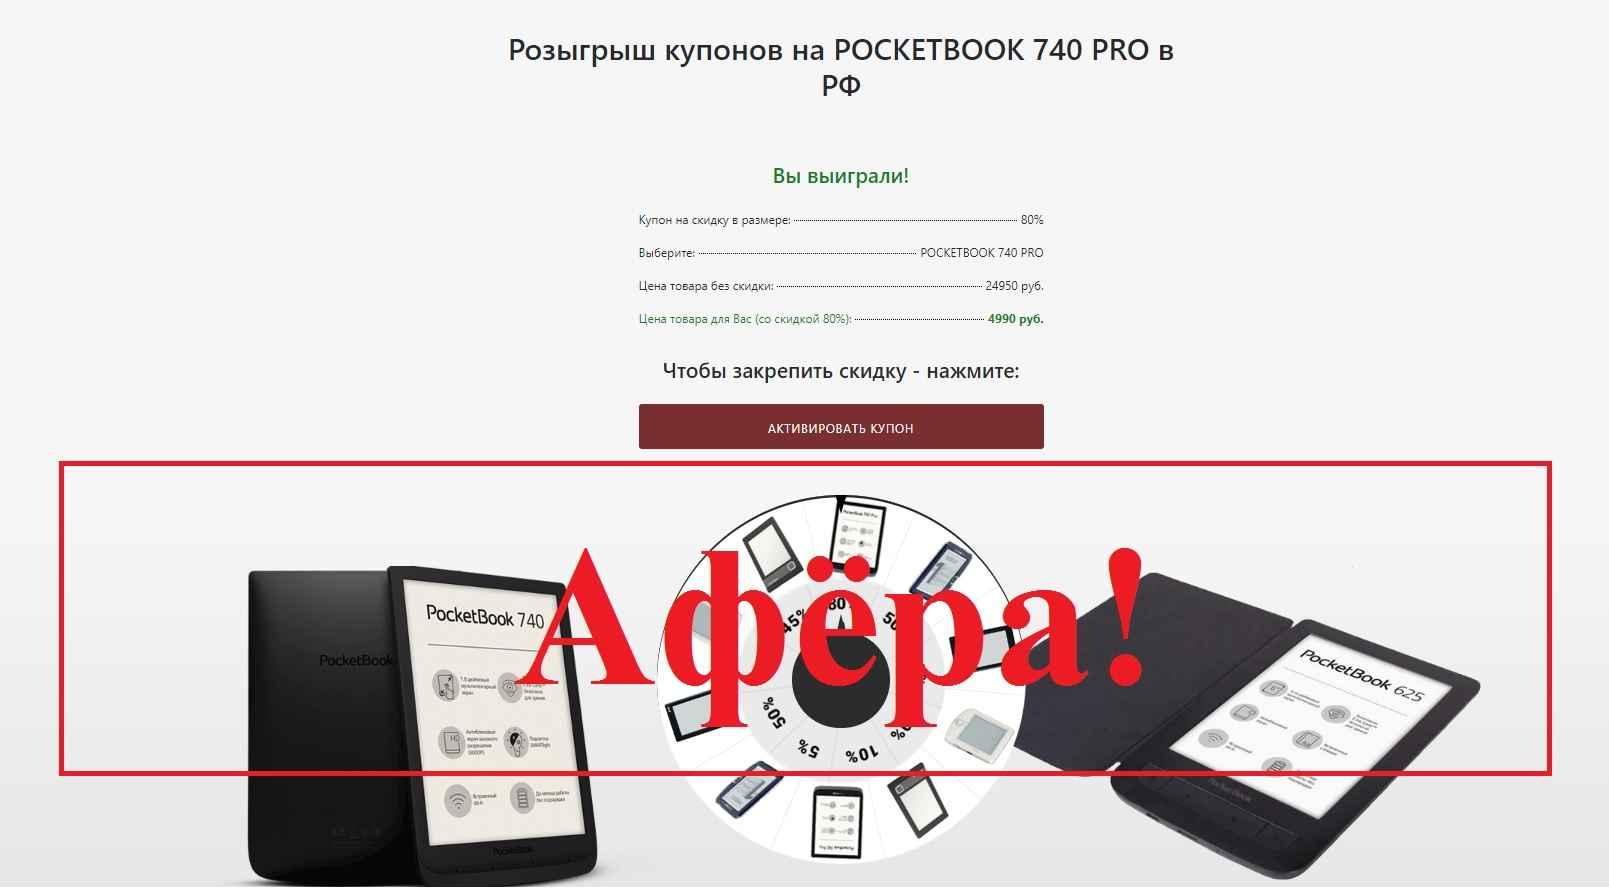 Pocketbook 740 pro – отзывы о розыгрыше электронной книги